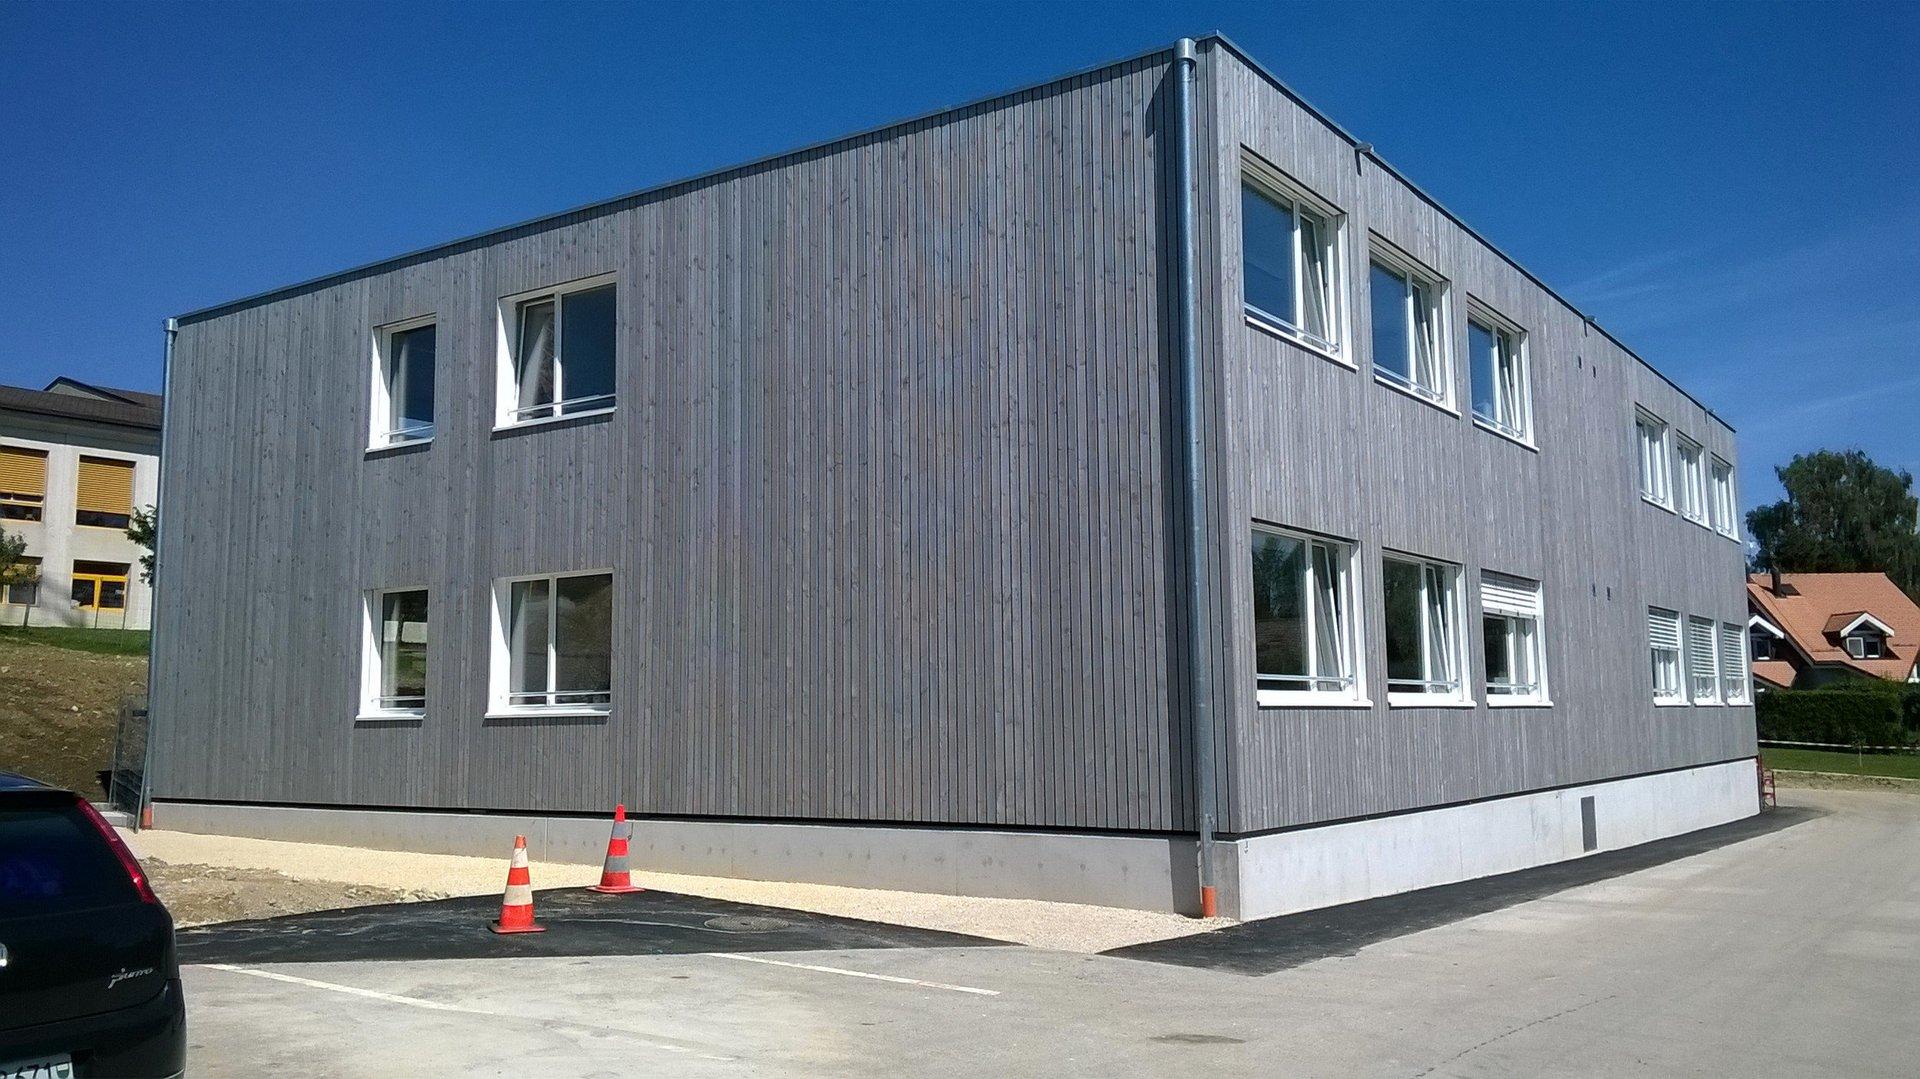 2-geschossige Schule mit verschieden grossen Fensterelementen